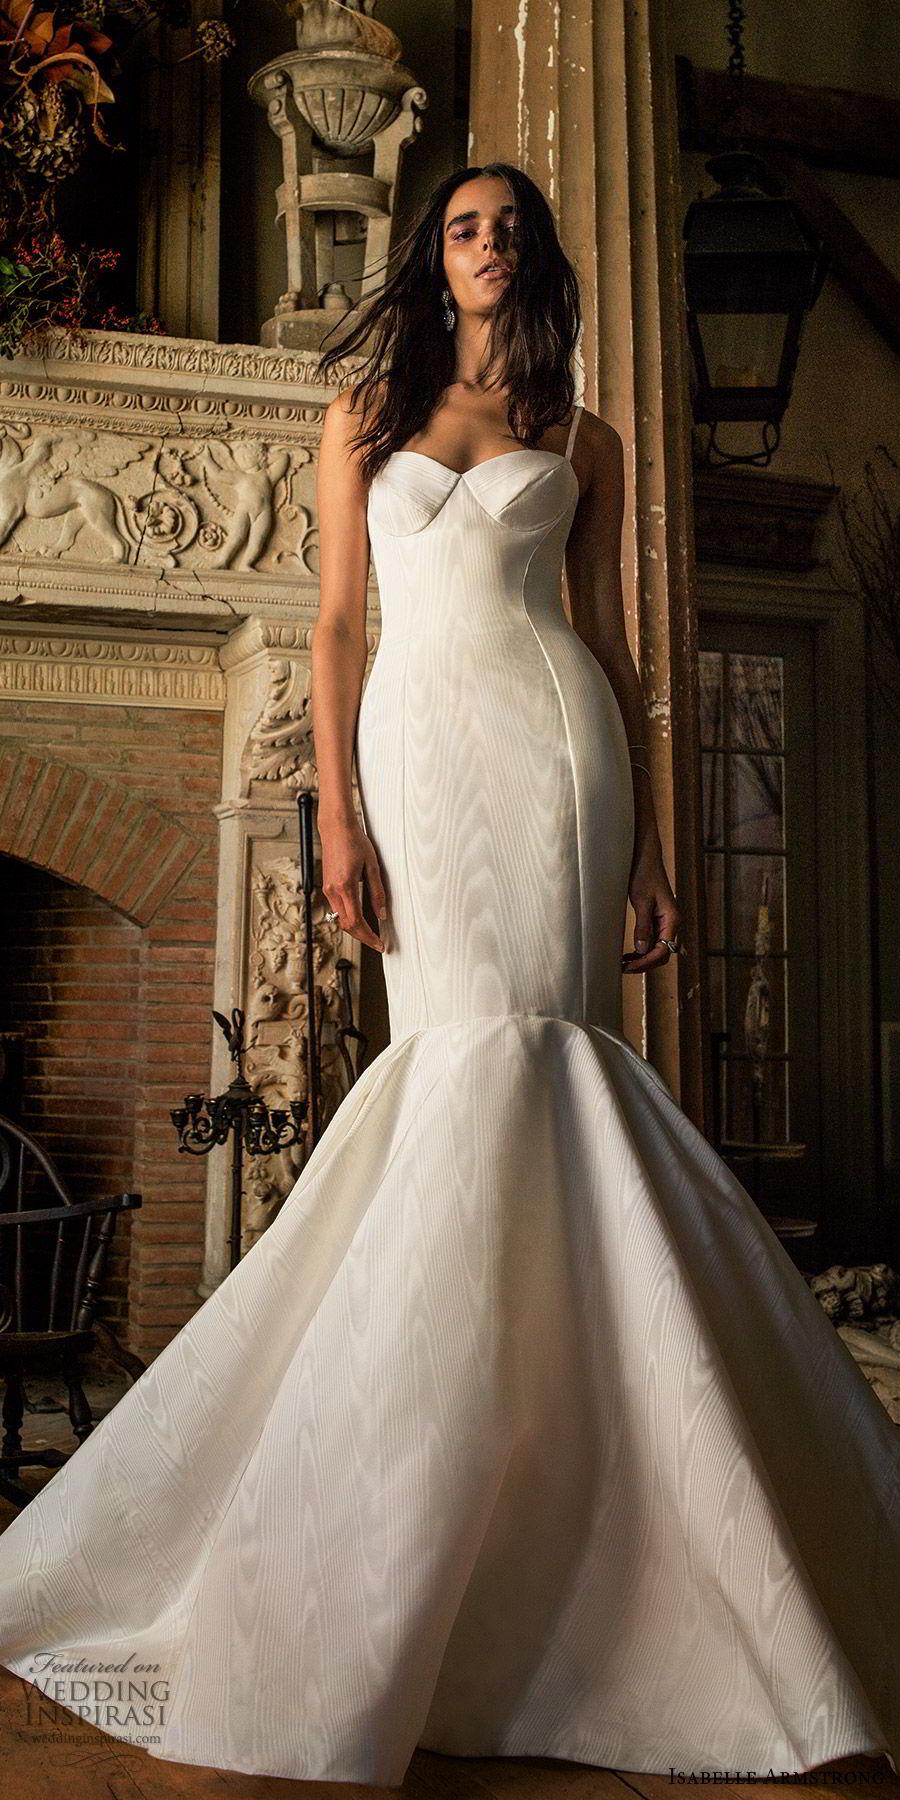 isabelle armstrong fall 2019 bridal sleeveless straps sweetheart minimally embellished mermaid wedding dress (10) chic elegant mv